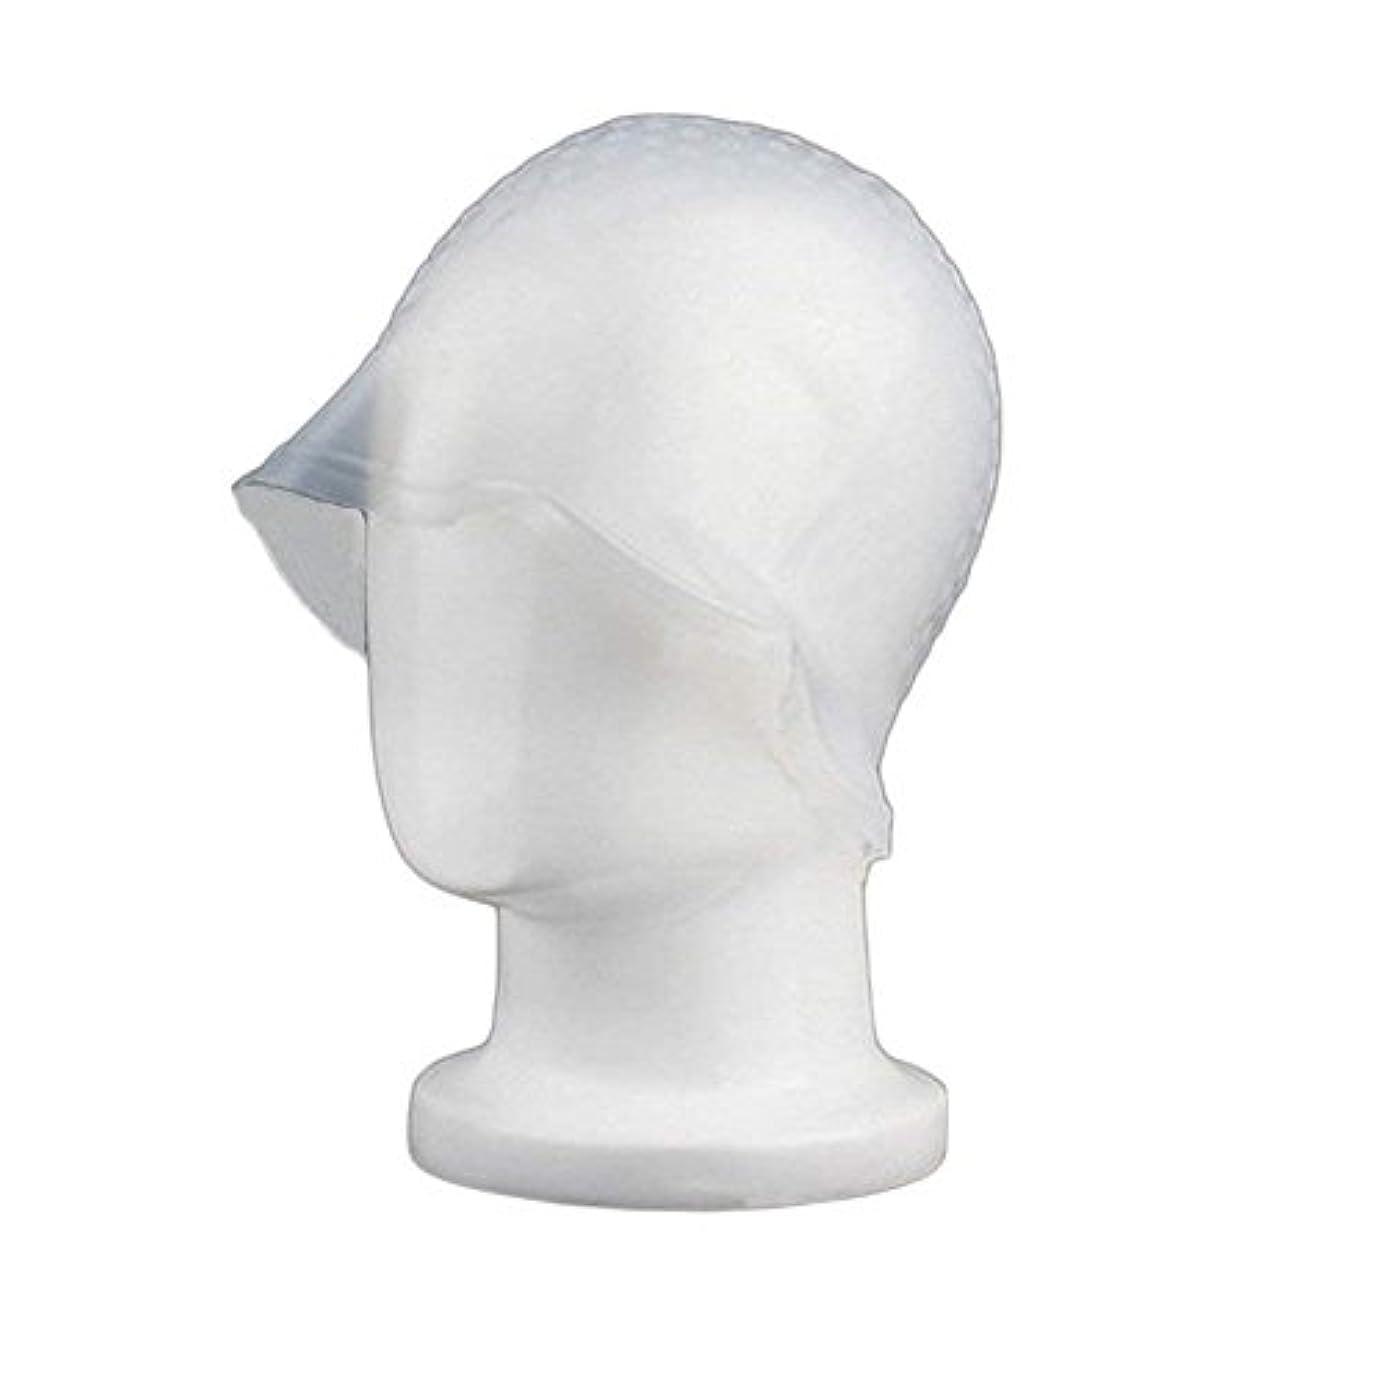 葉を拾う汚れるのためSincerestore 洗って使える ヘアカラー 染め用 メッシュ 用 シリコン ヘア キャップキャップ (ホワイト)